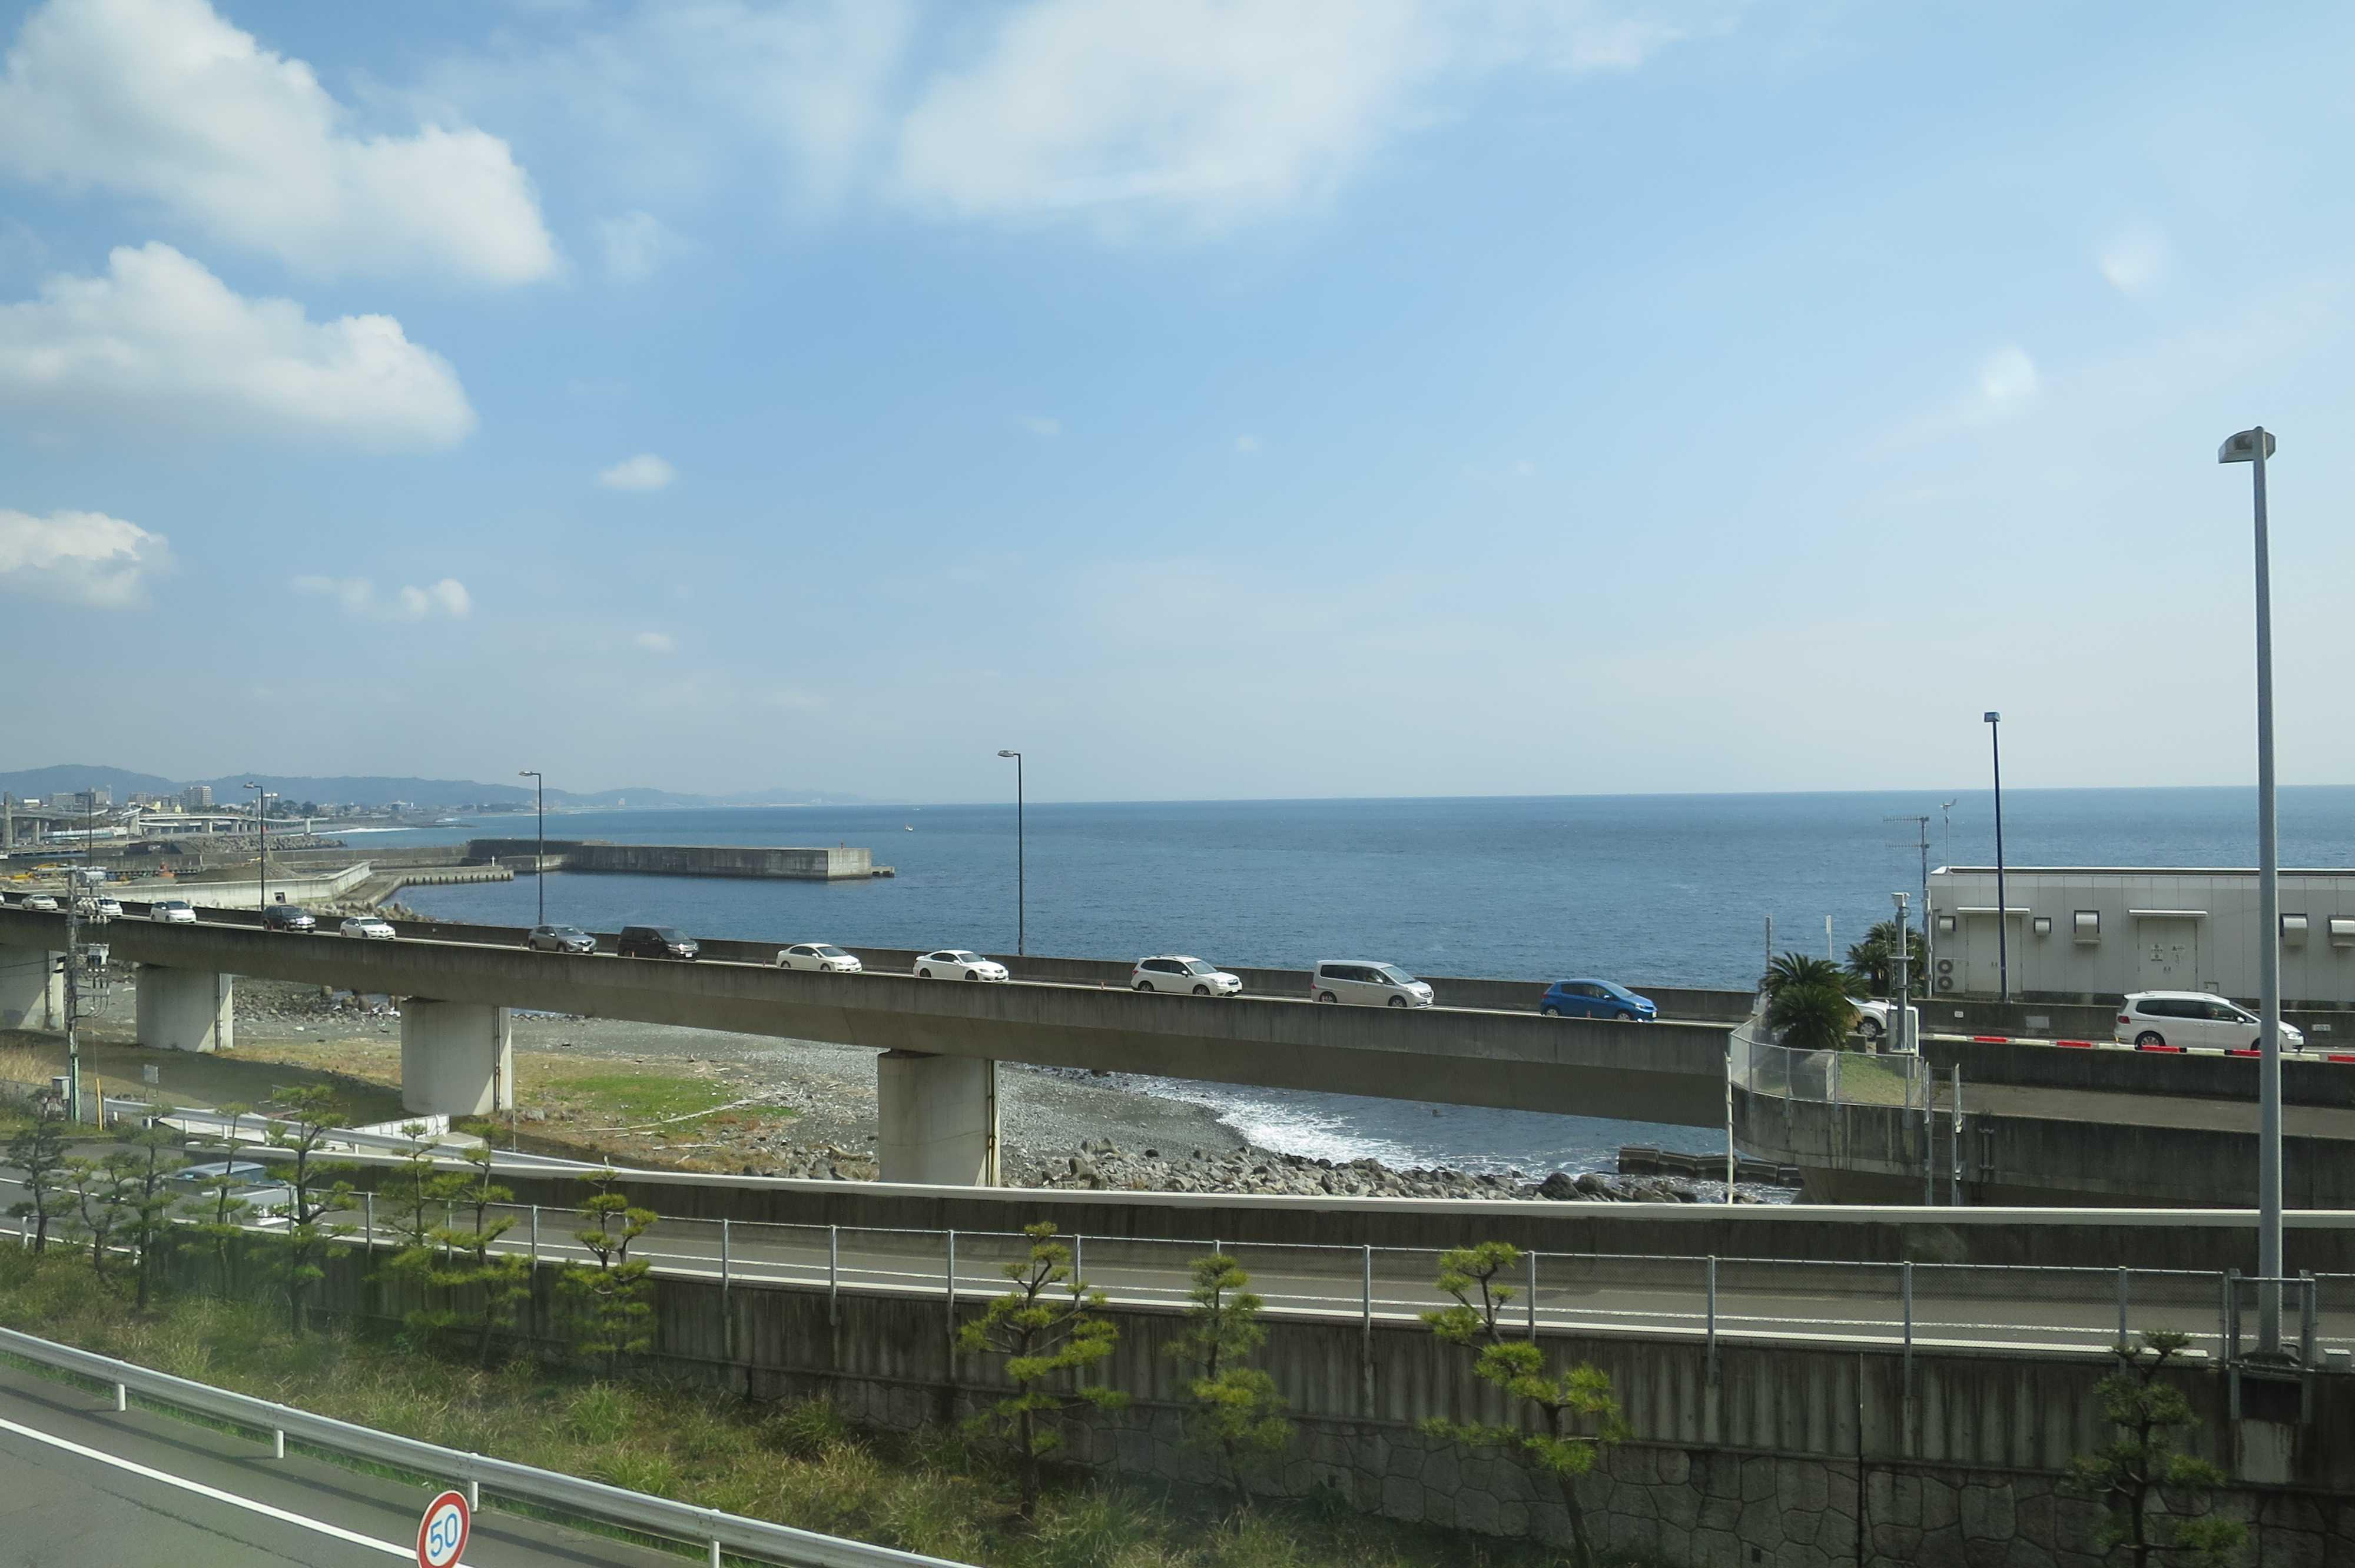 東海道線の車窓 - 相模湾